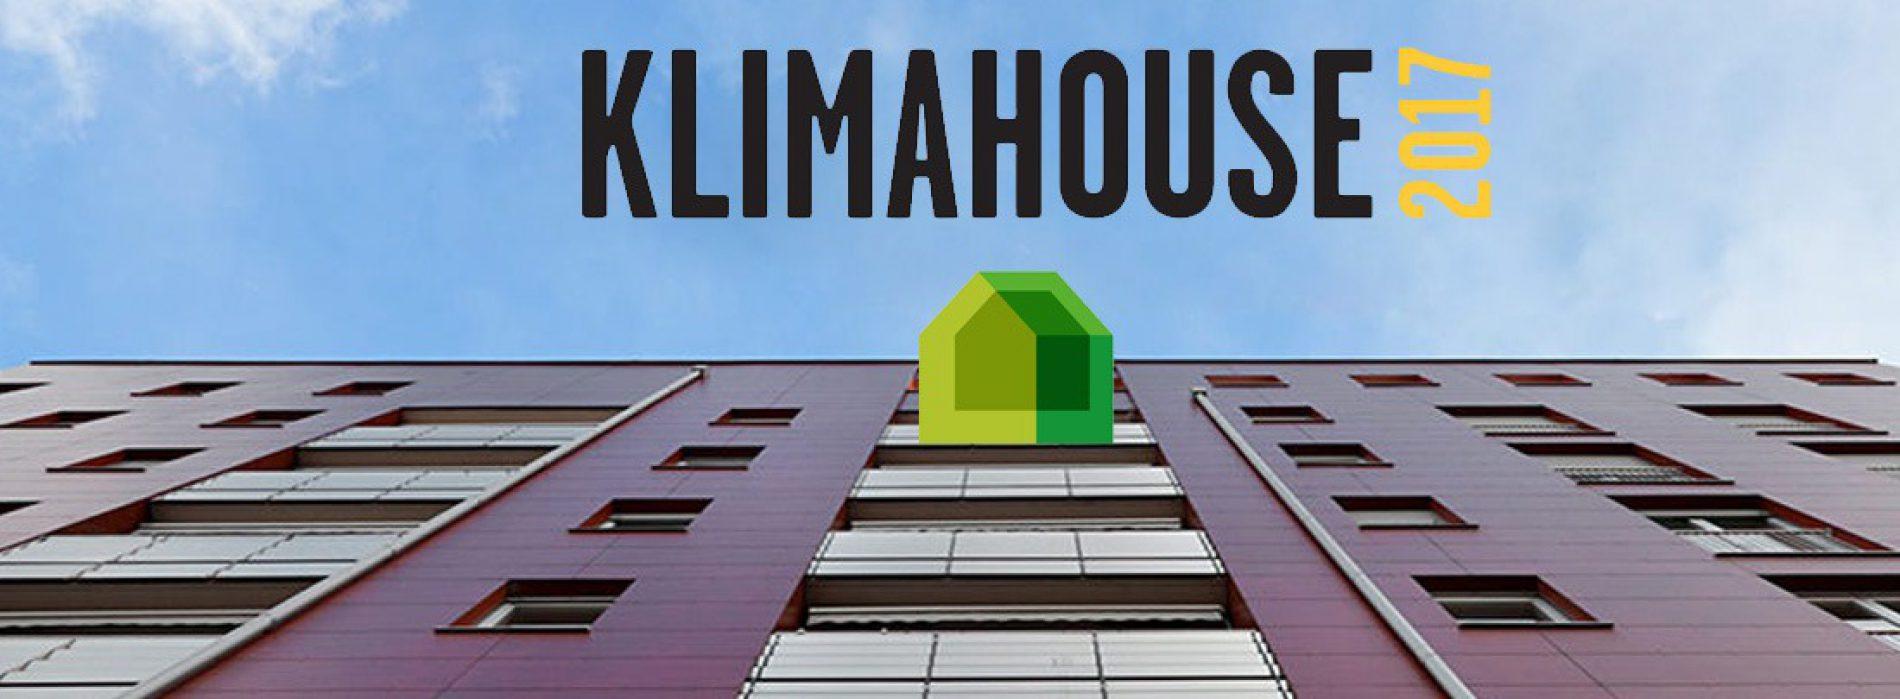 Klimahouse 2017 a Bolzano: bando Klimahouse Start up Award